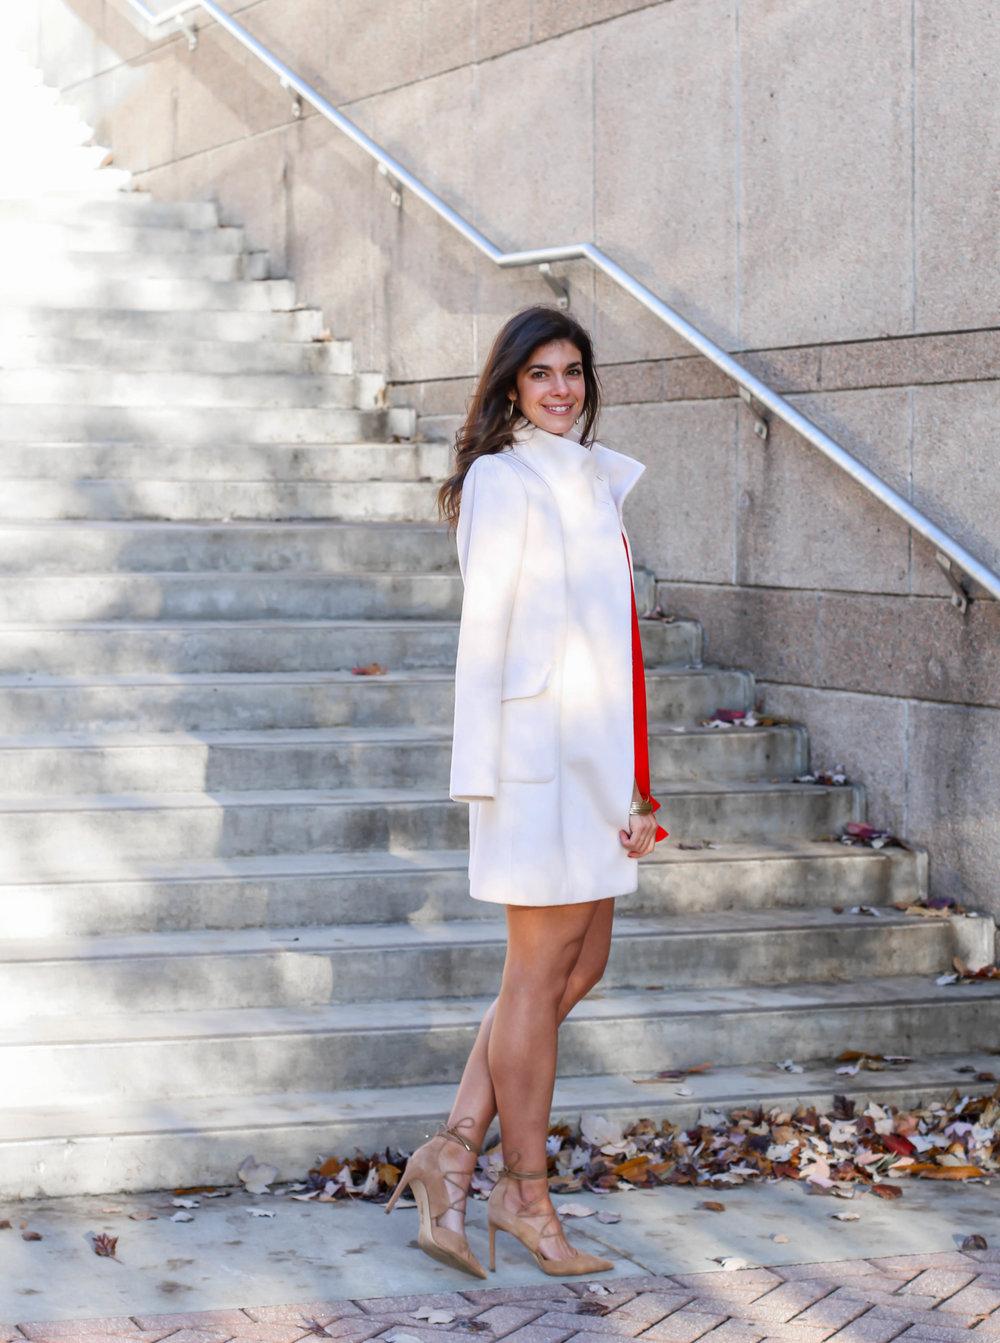 winter-white-coat-ann-taylor-lauren-schwaiger-style-blog.jpg